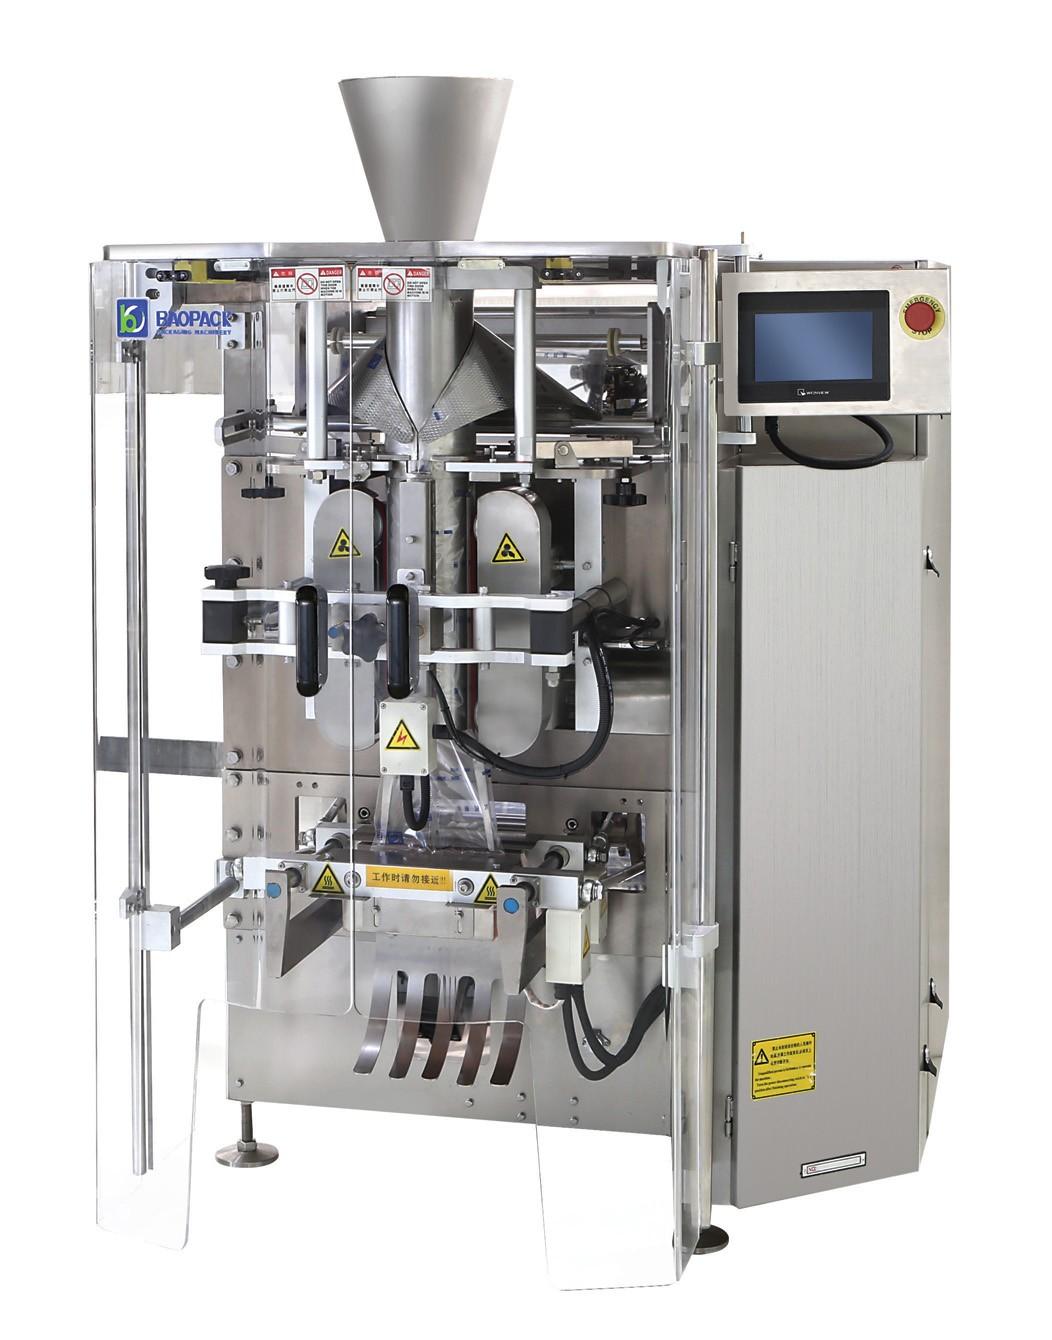 Baopack VP42A Zwickelbeutel Vertikale Verpackungsmaschine zum Verpacken von Zucker im Fabrikpreis